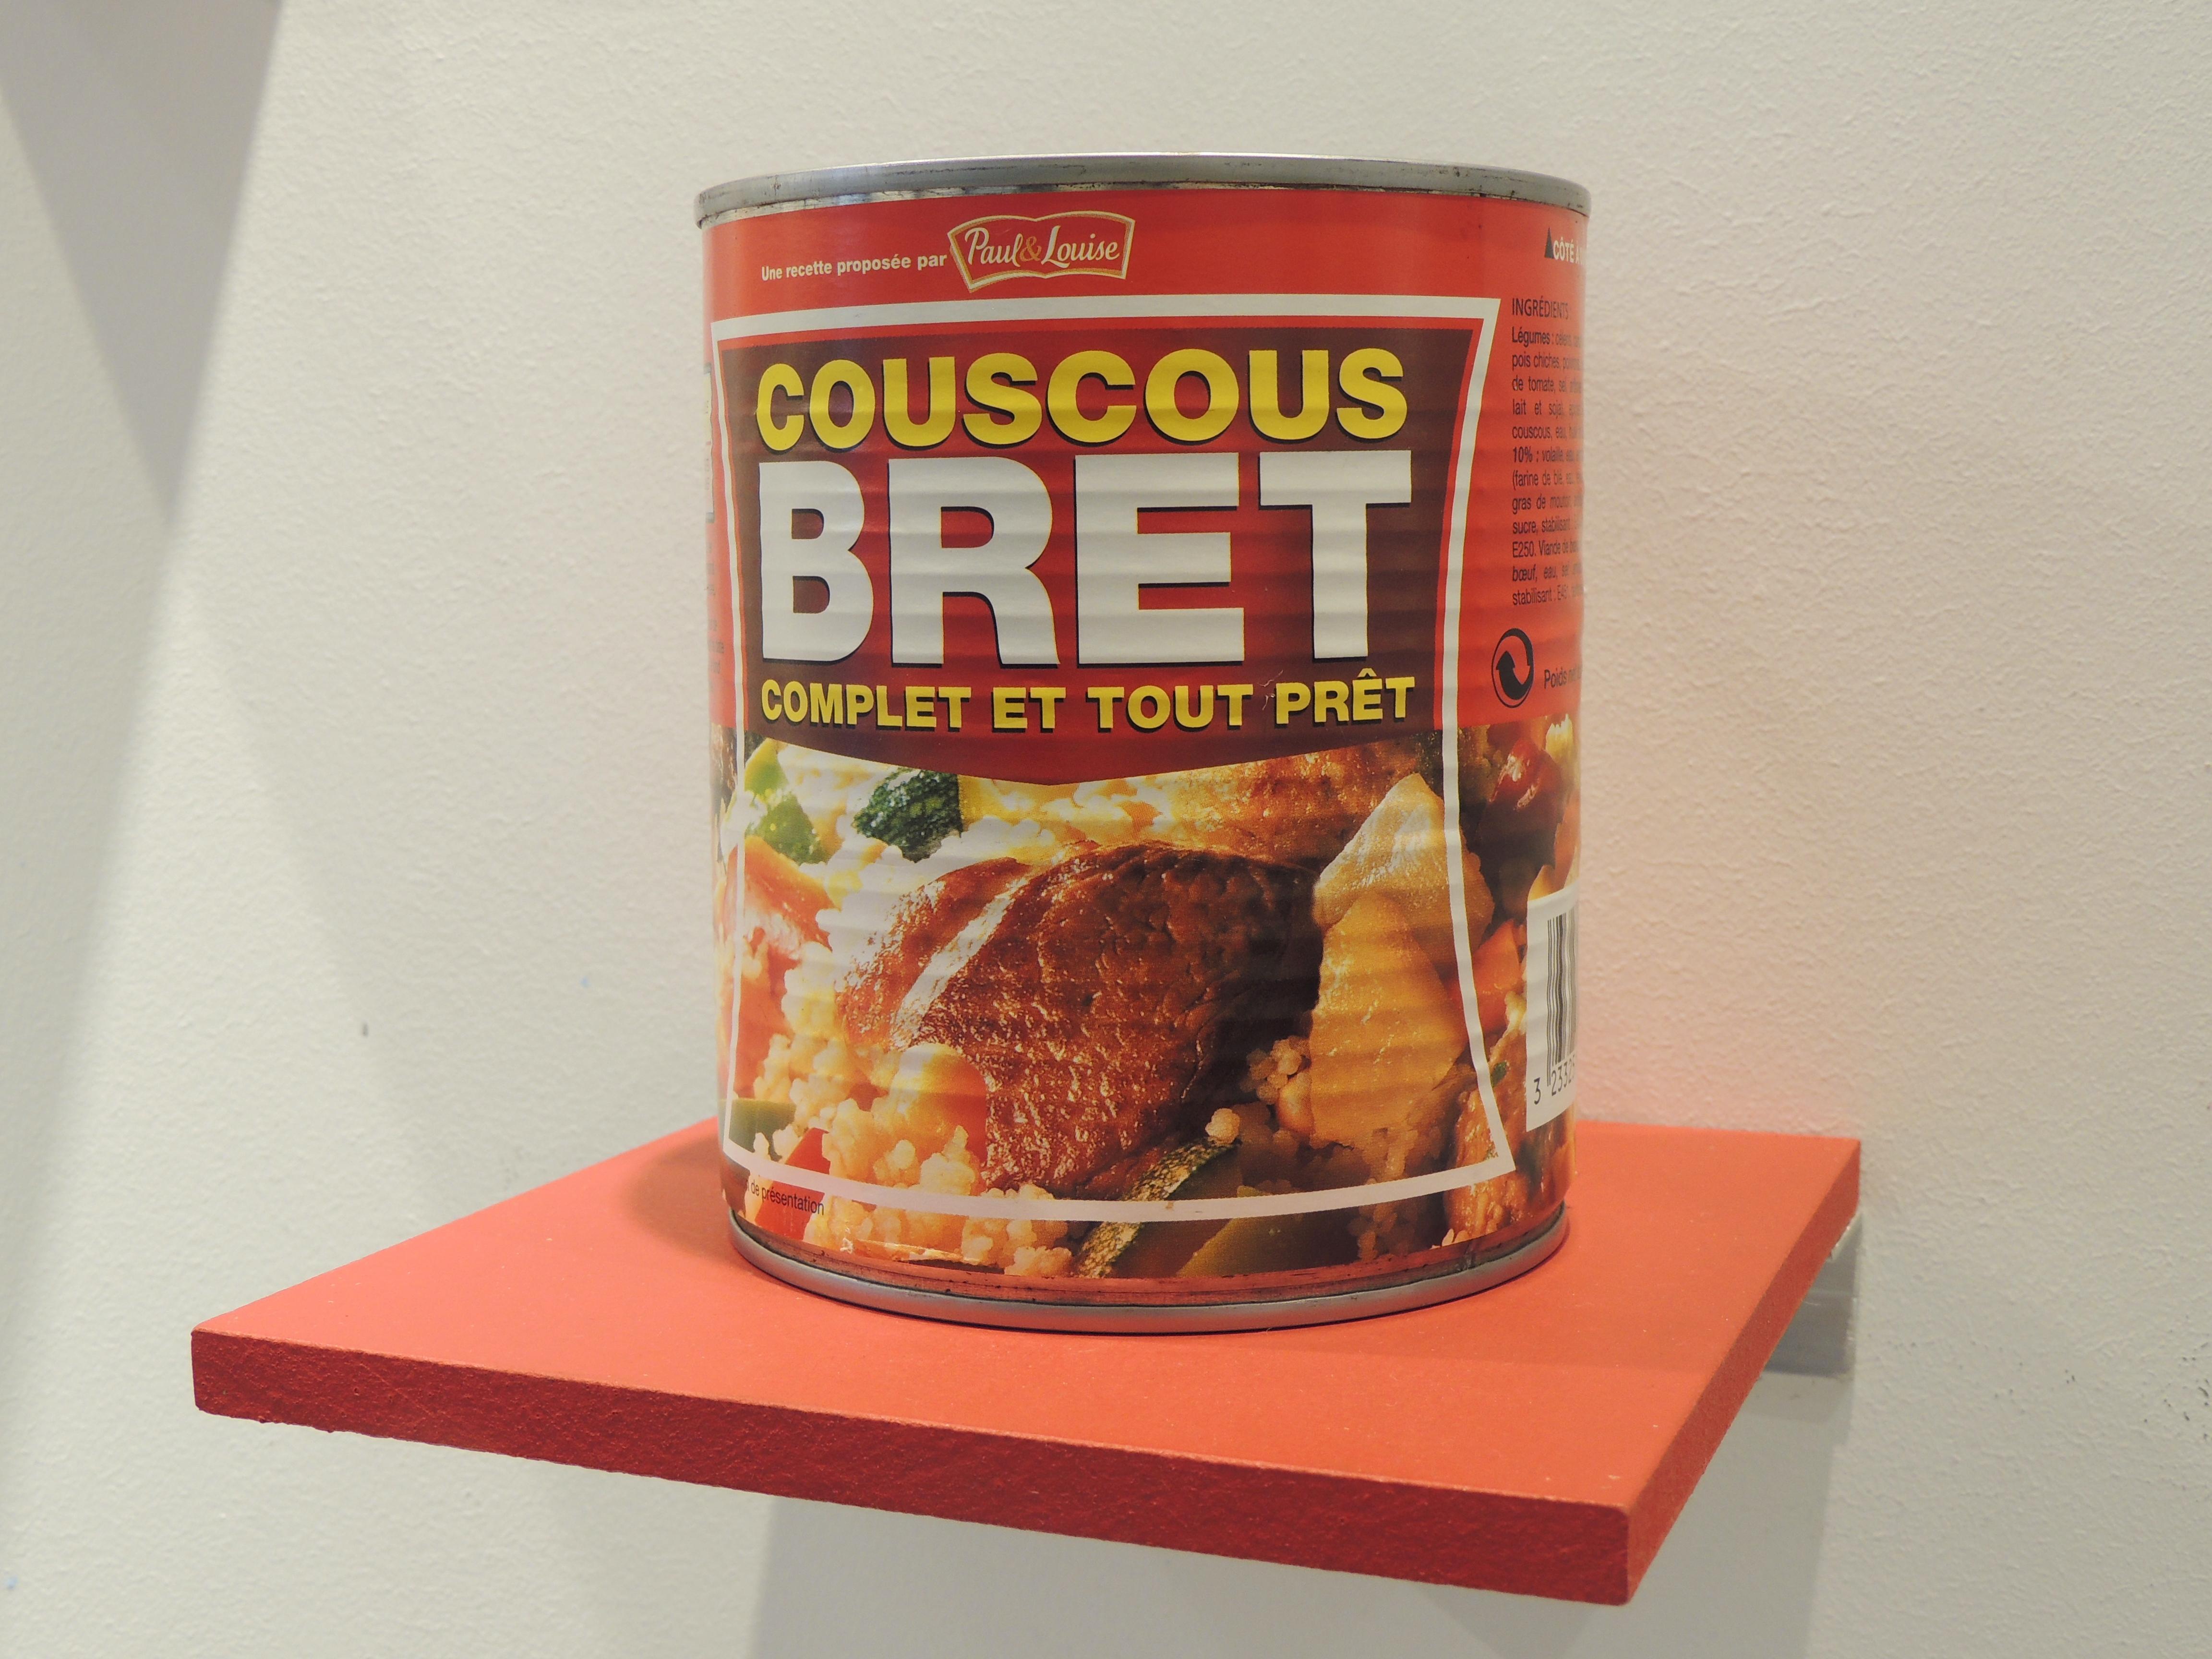 Couscous Bret